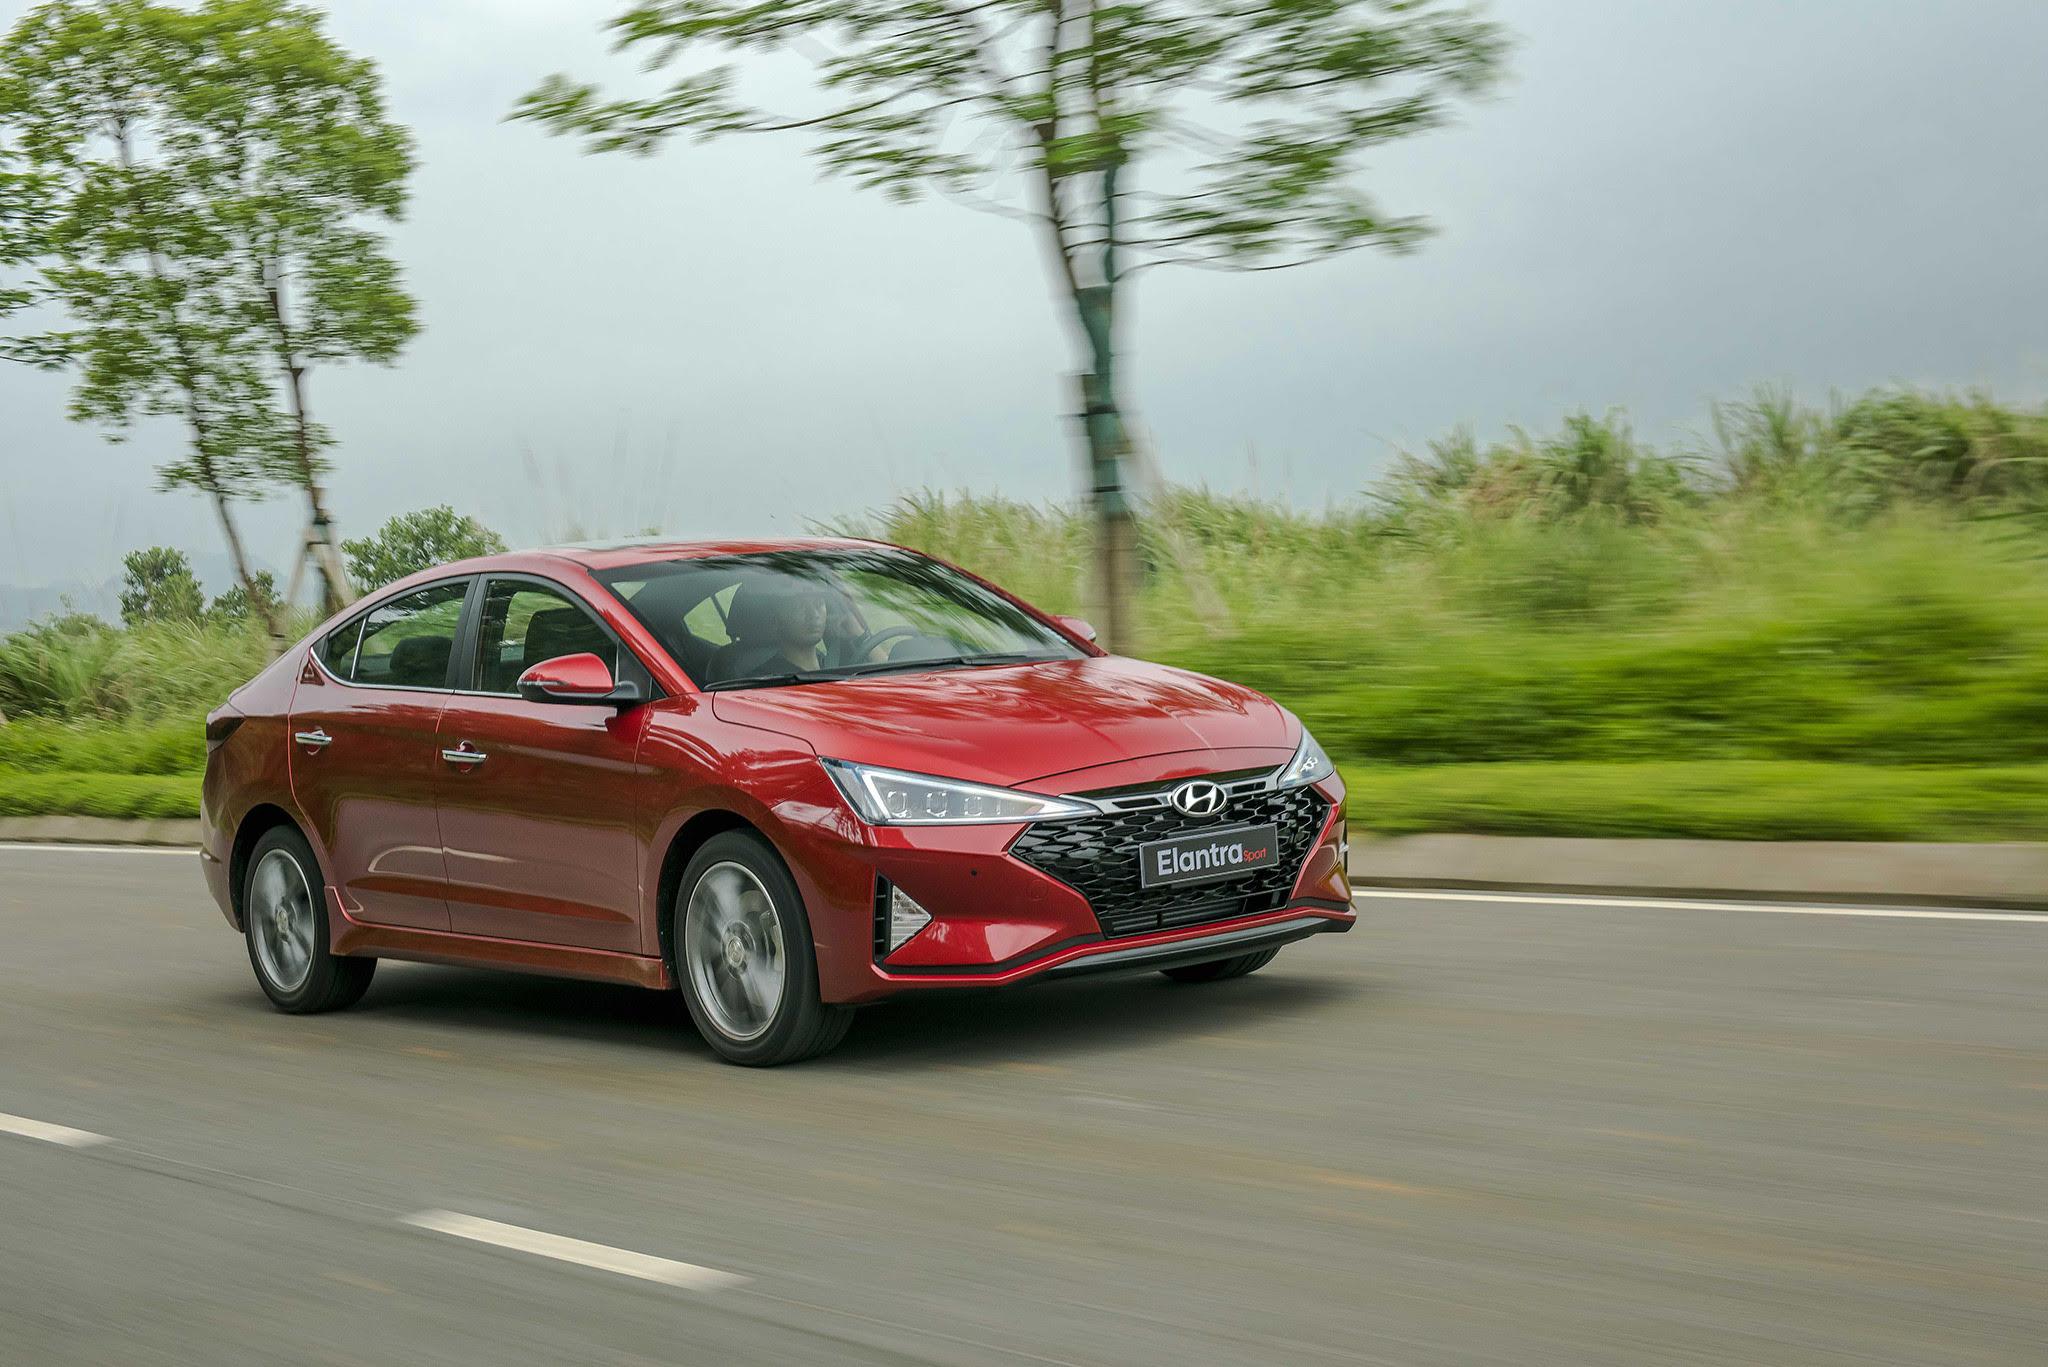 Accent trở lại ngôi đầu bảng về doanh số trong tháng 5 của Hyundai - Ảnh 1